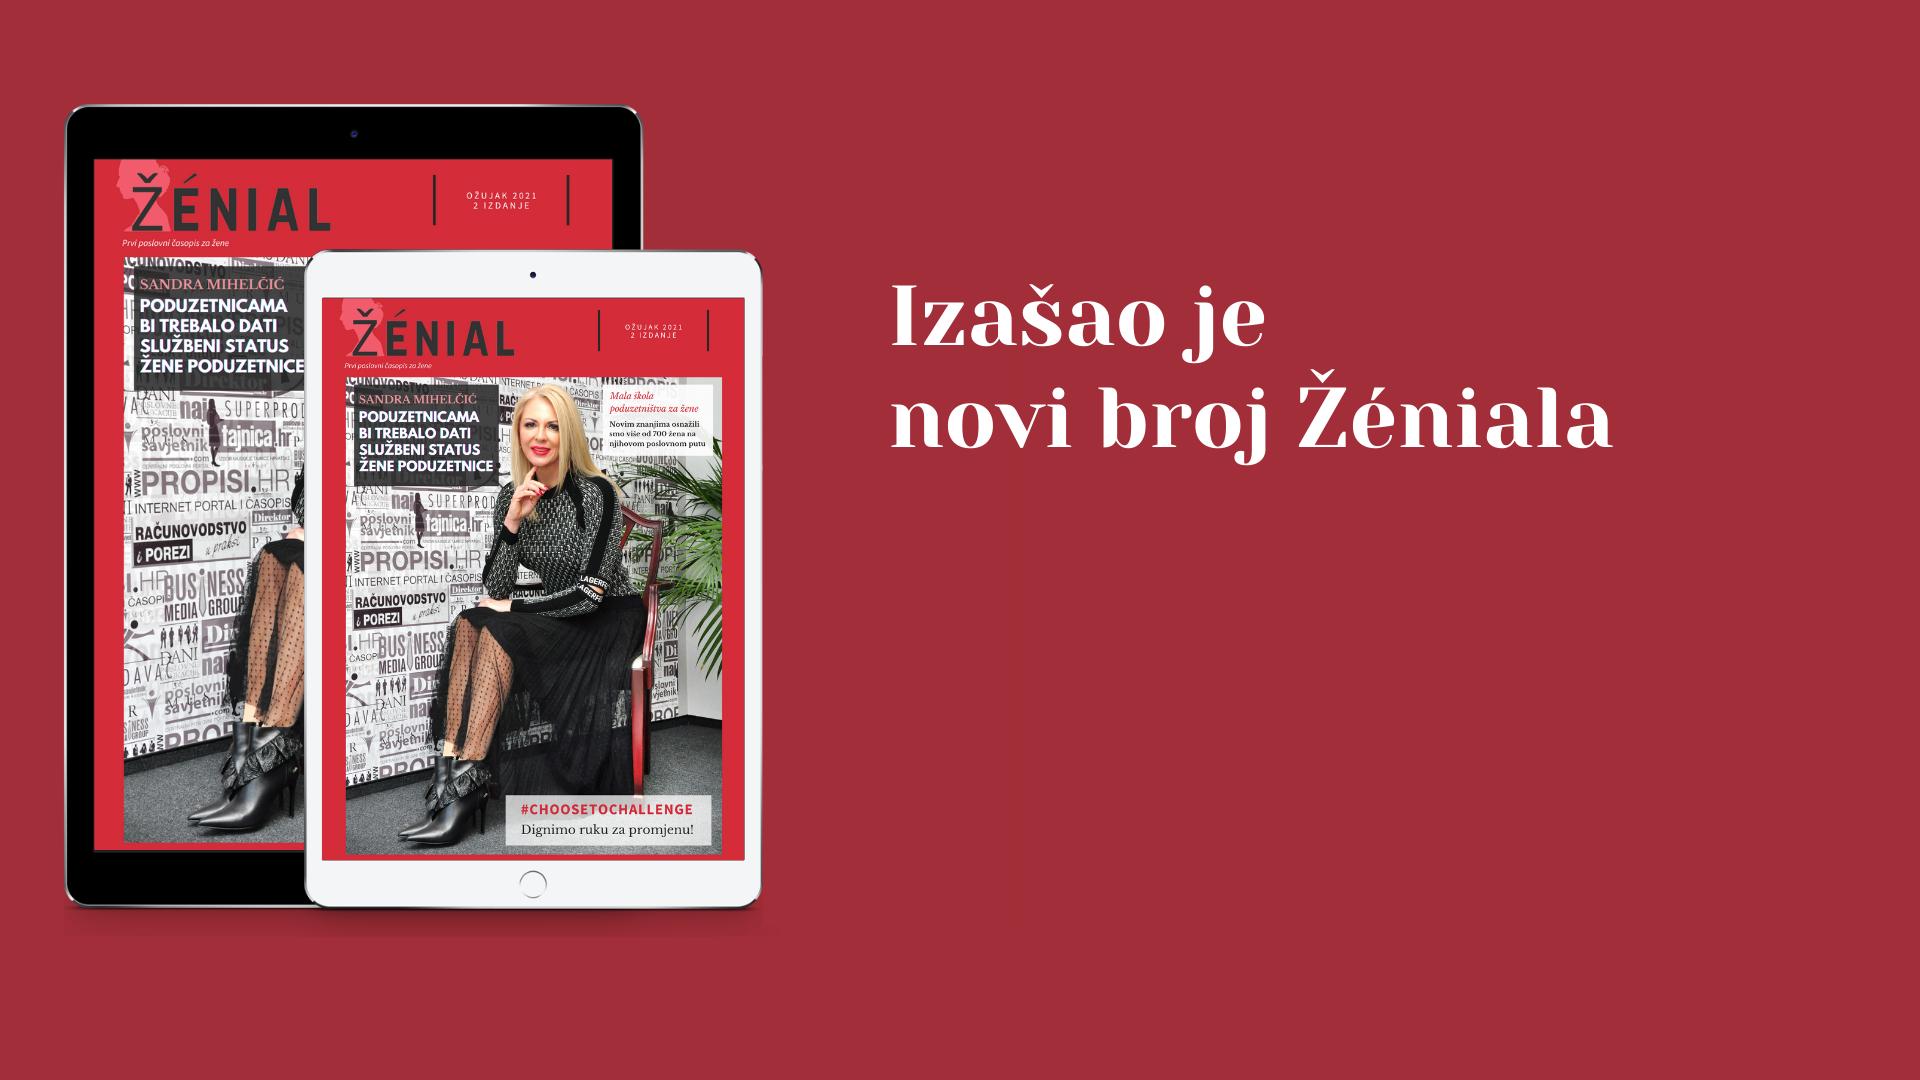 Novi broj Ženiala mrezazena.com